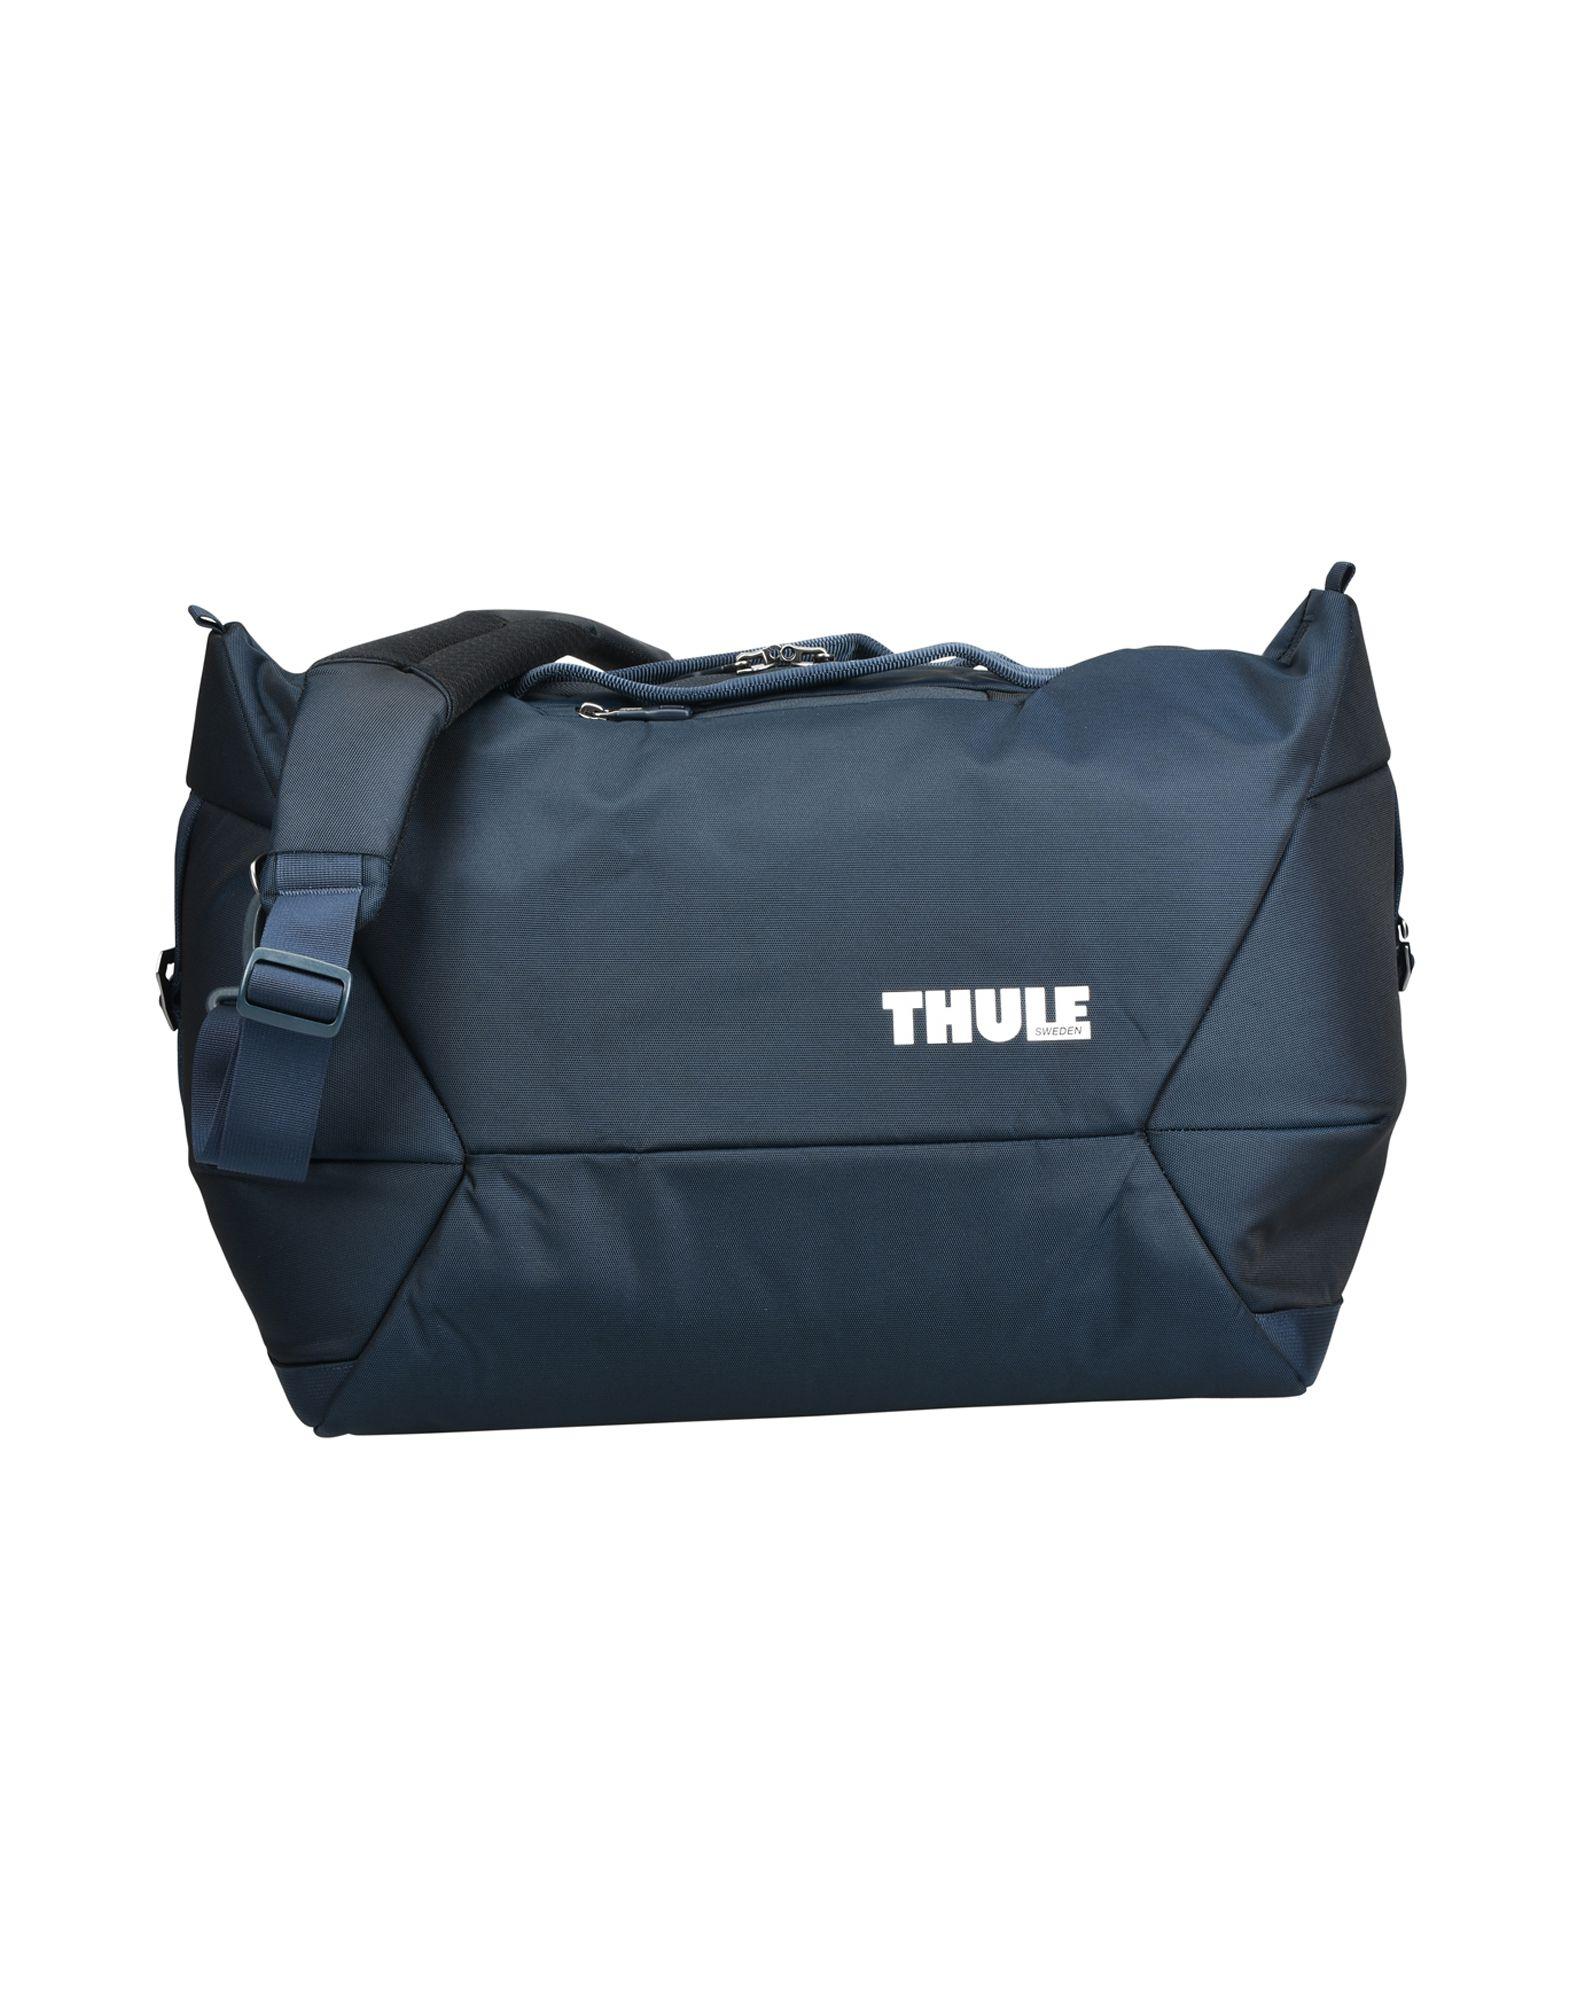 Borsone Thule® Uomo - Acquista online su